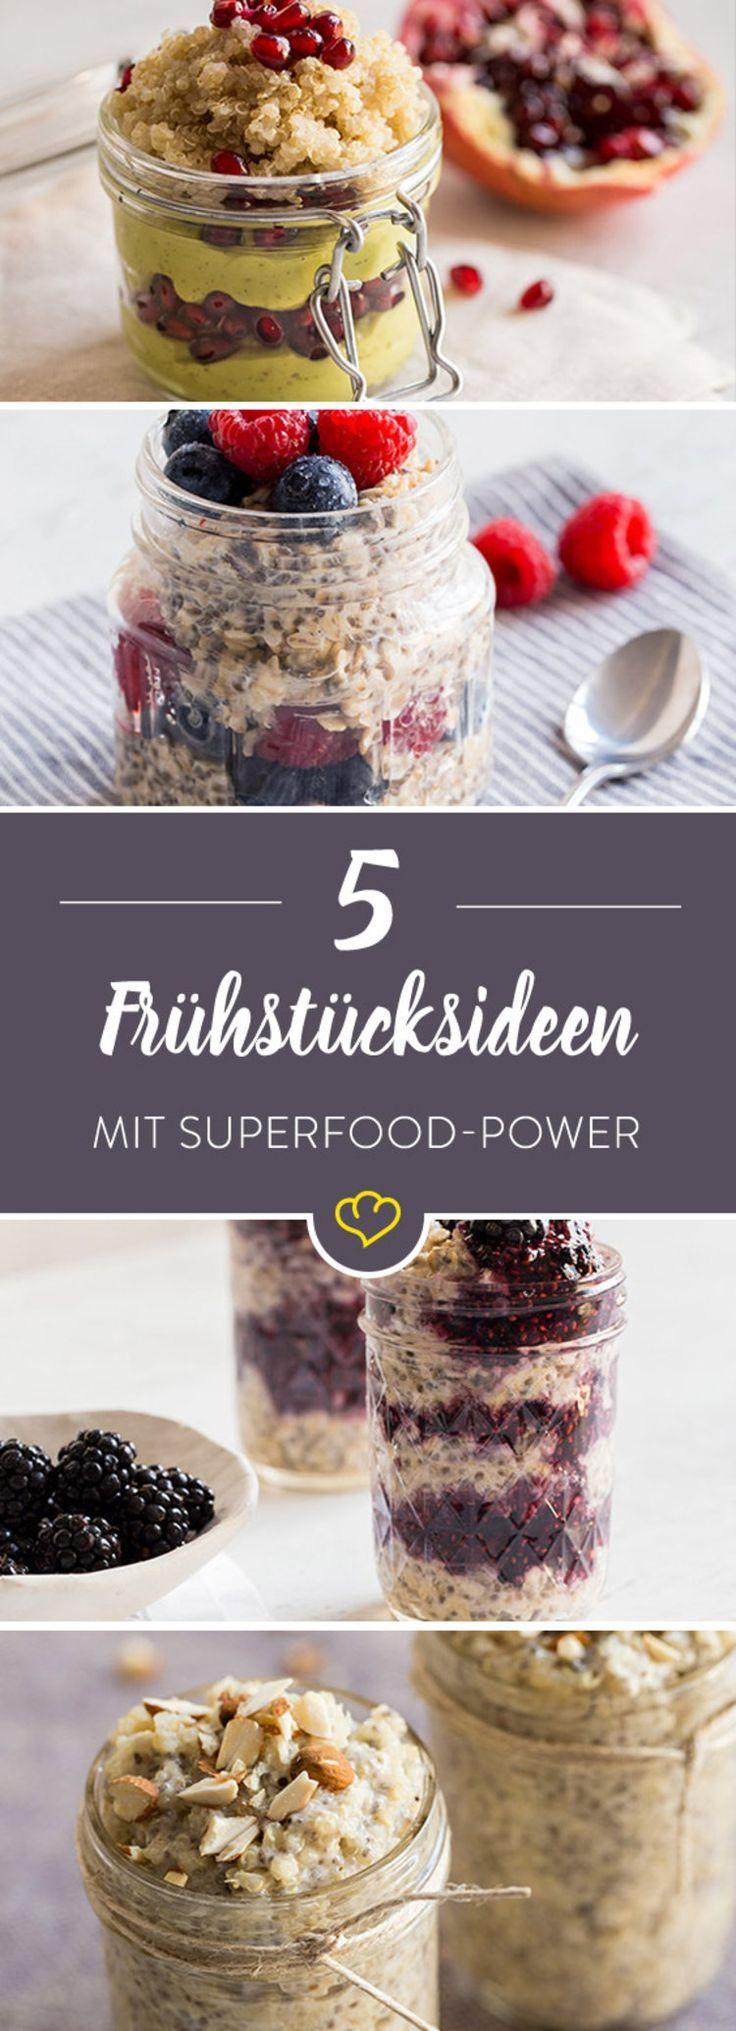 Mit unseren Superfood-Frühstücksrezepten beginnen Sie garantiert mit Power in …   – Frühstück-Rezepte süß & herzhaft